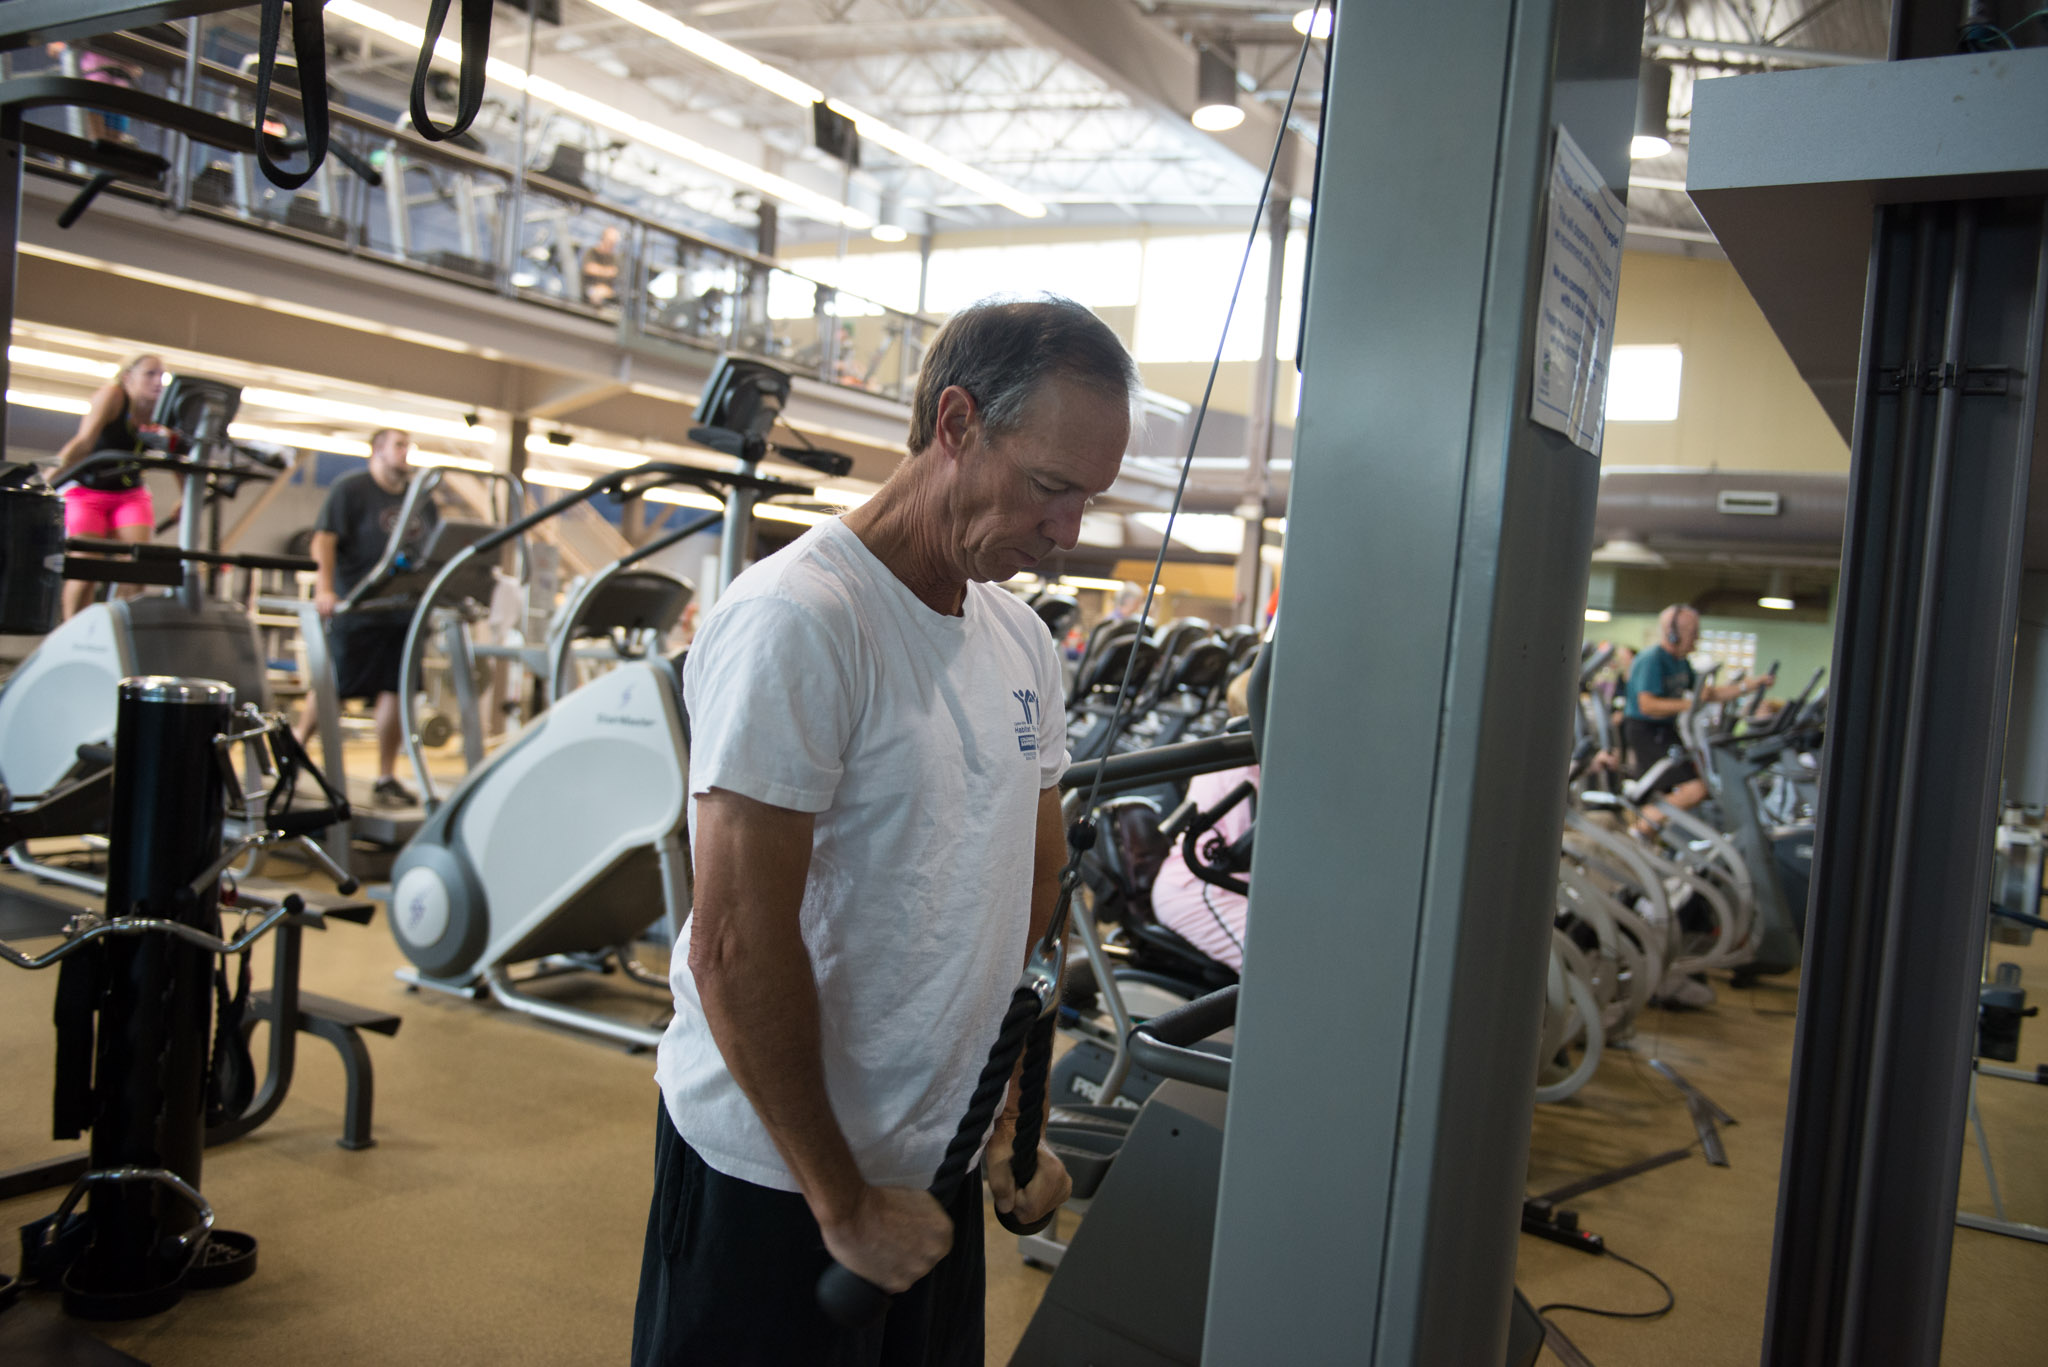 Wellness Center Stock Photos-1385.jpg